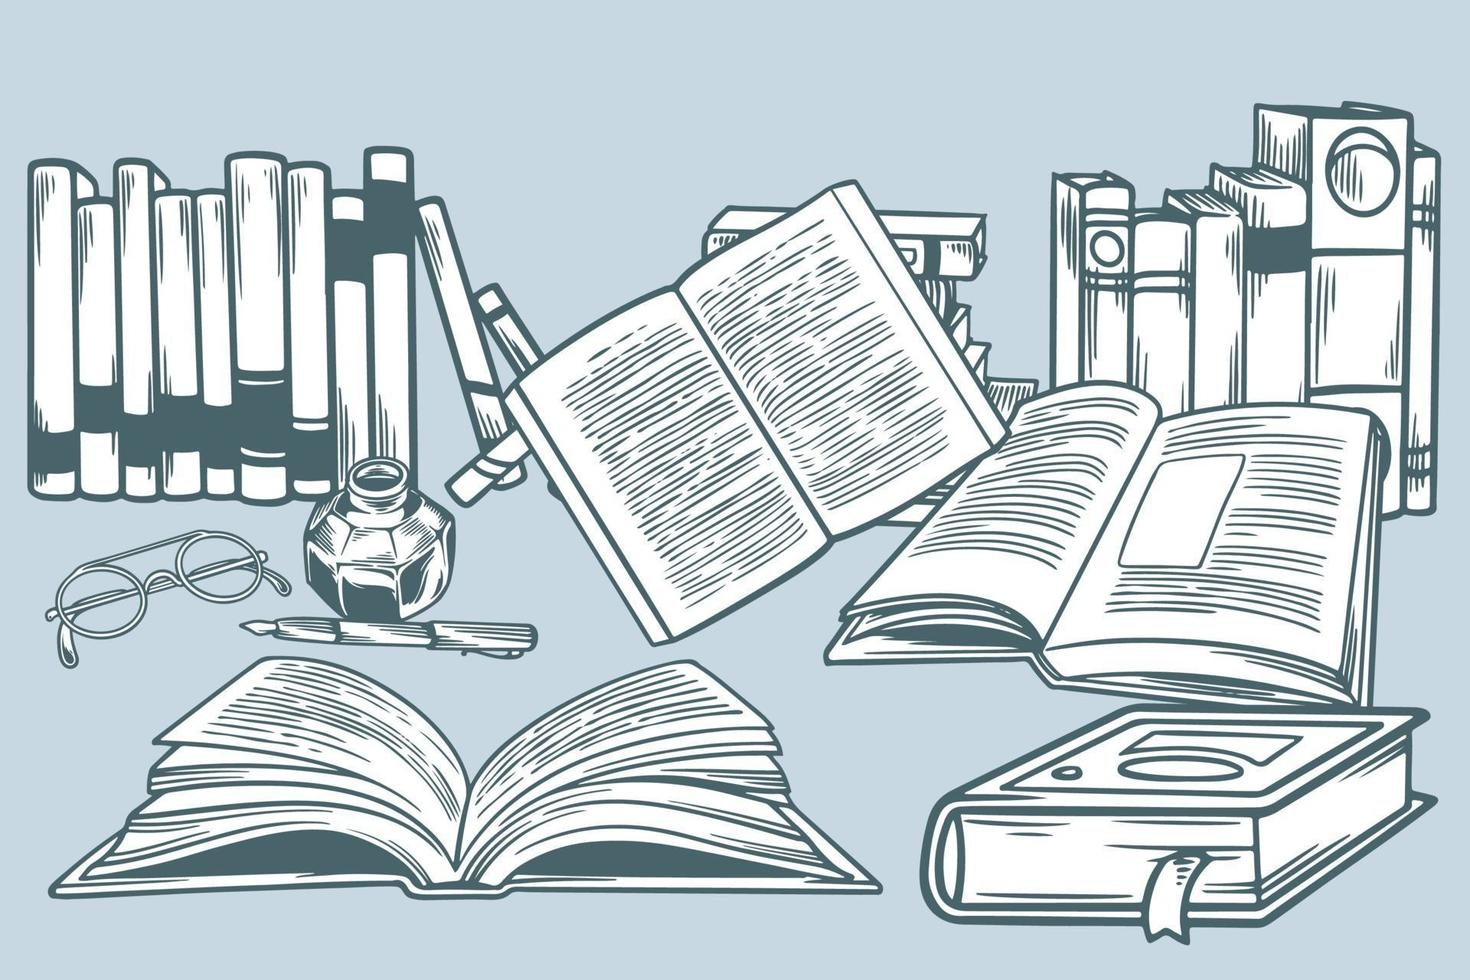 set di libri disegnati a mano in illustrazione vettoriale stile doodle. scena del fumetto di scarabocchio sulla lettura e l'apprendimento. concetto di educazione. vari libri, occhiali da vista e strumenti di scrittura in stile vintage.